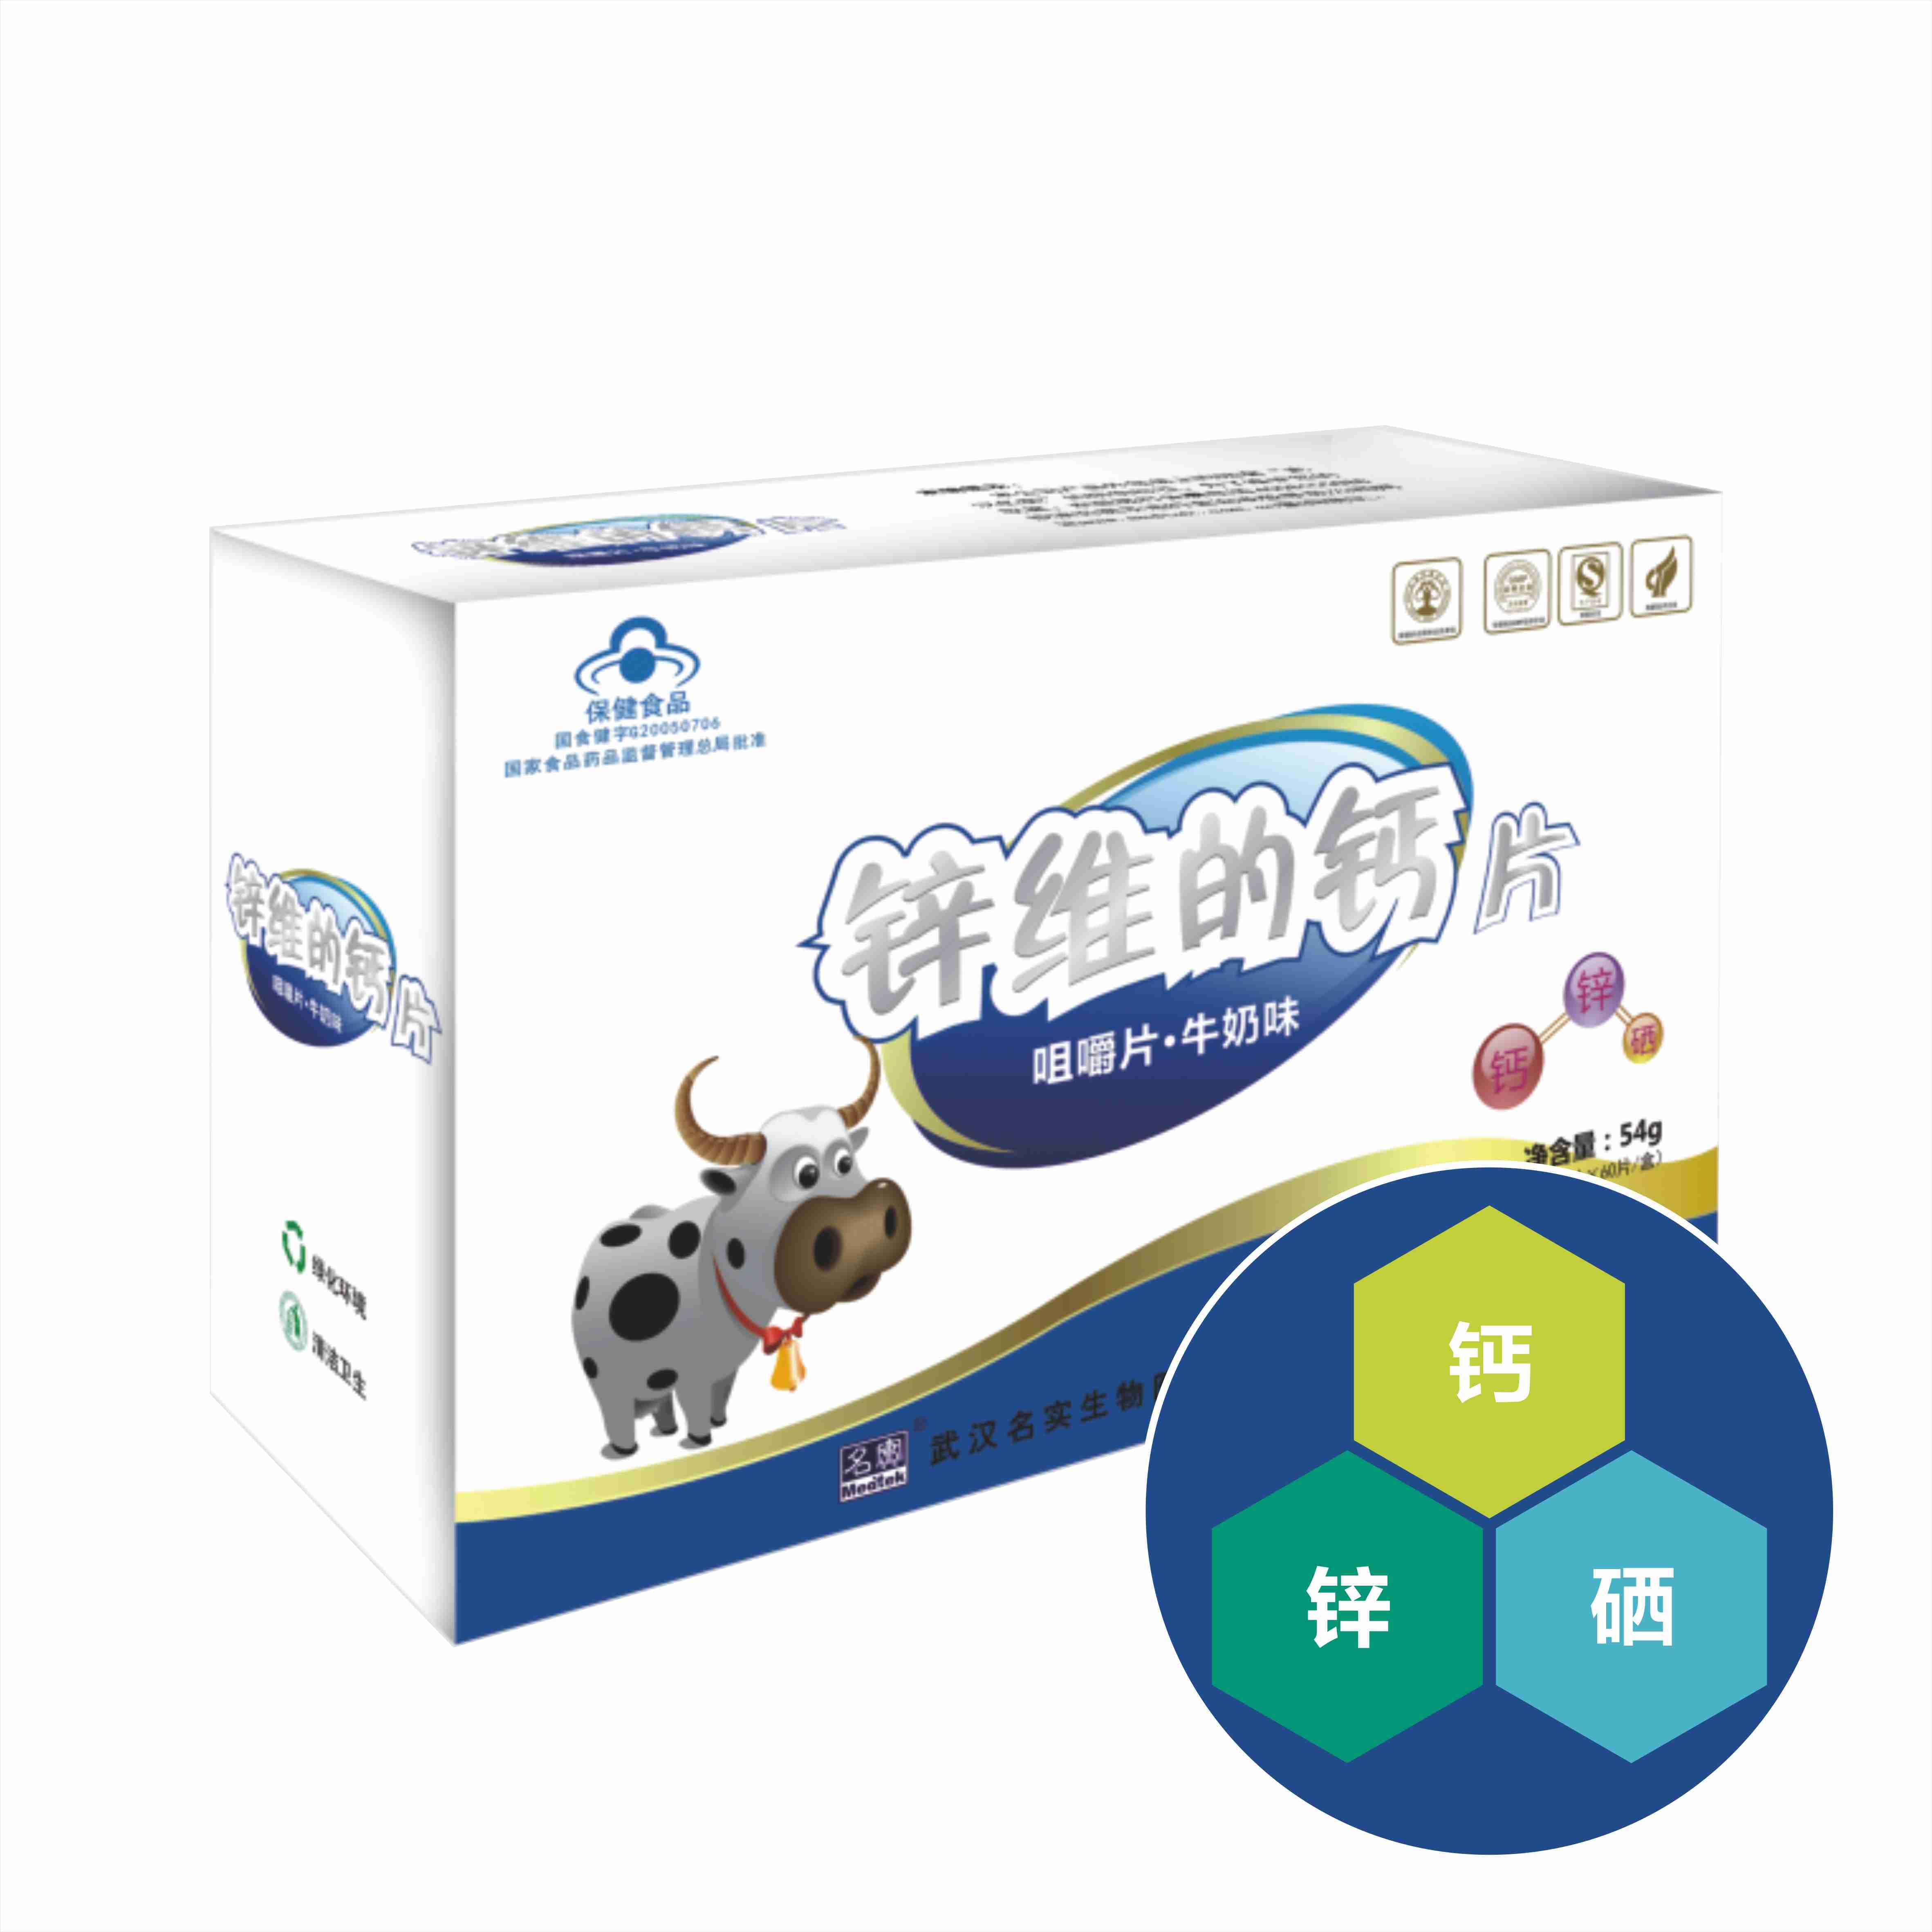 迪养肝茶_武汉名实生物医药科技有限责任公司-保健食品类